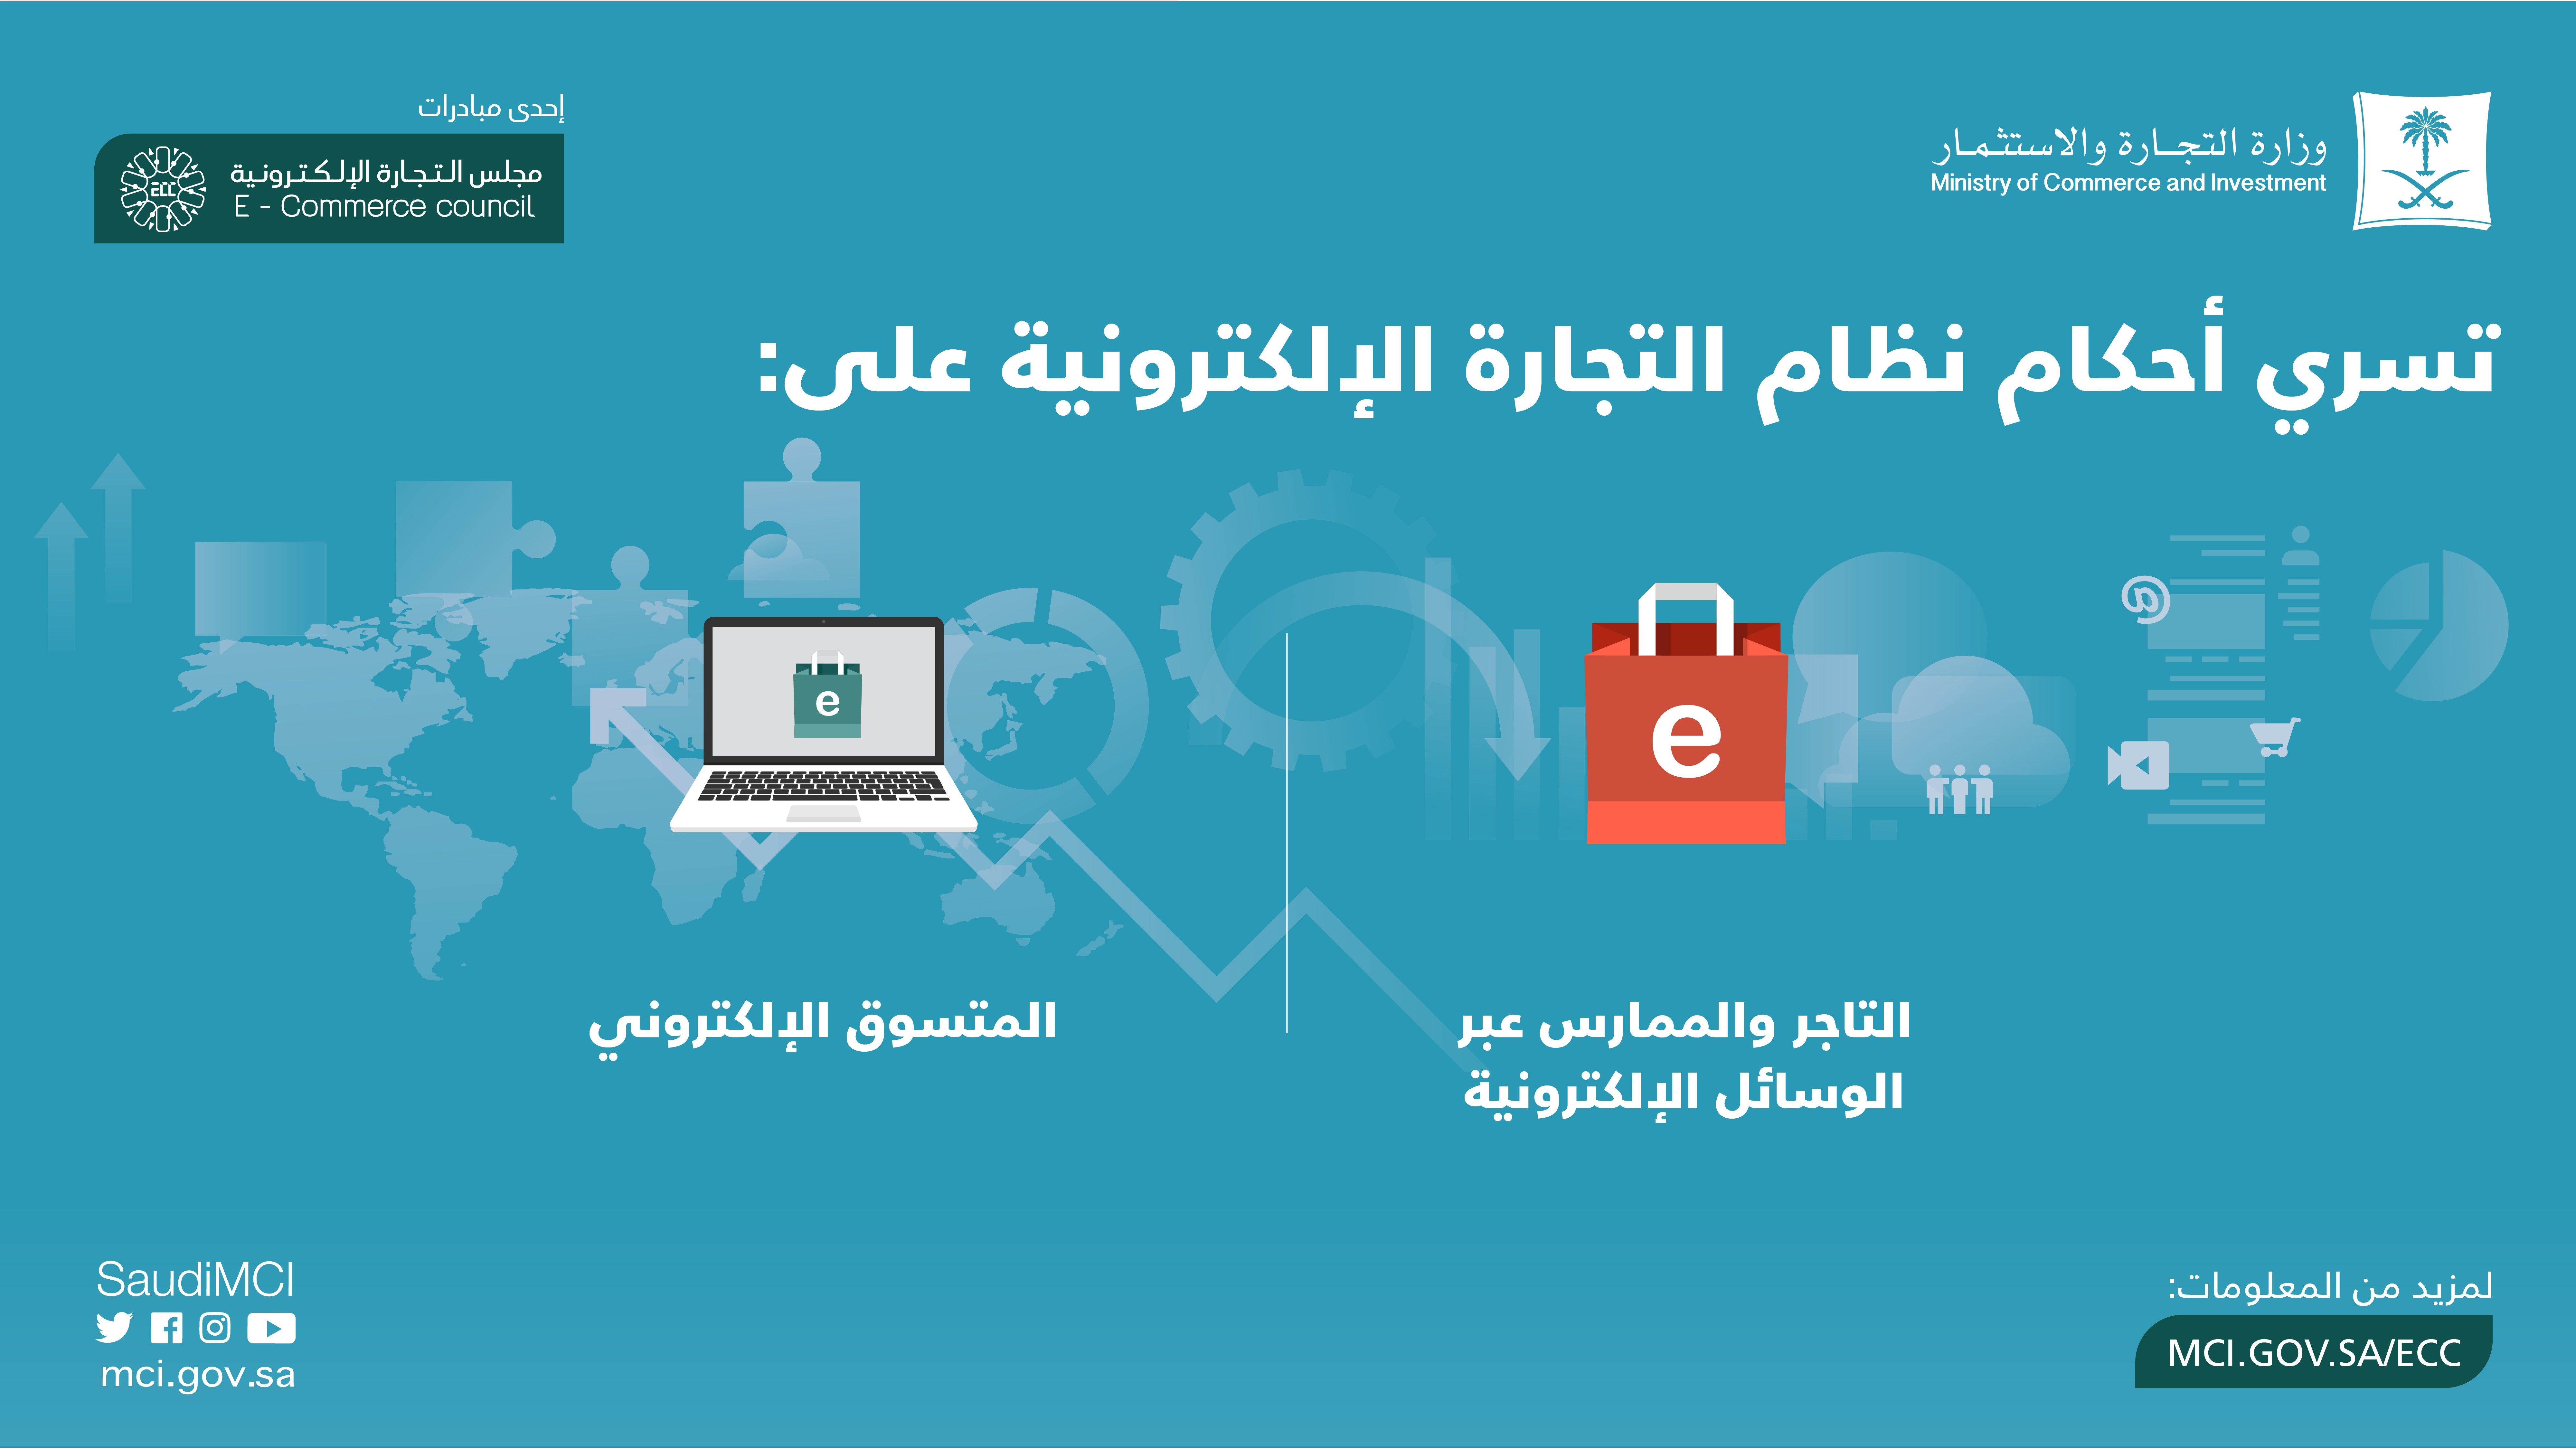 نظام التجارة الإلكترونية